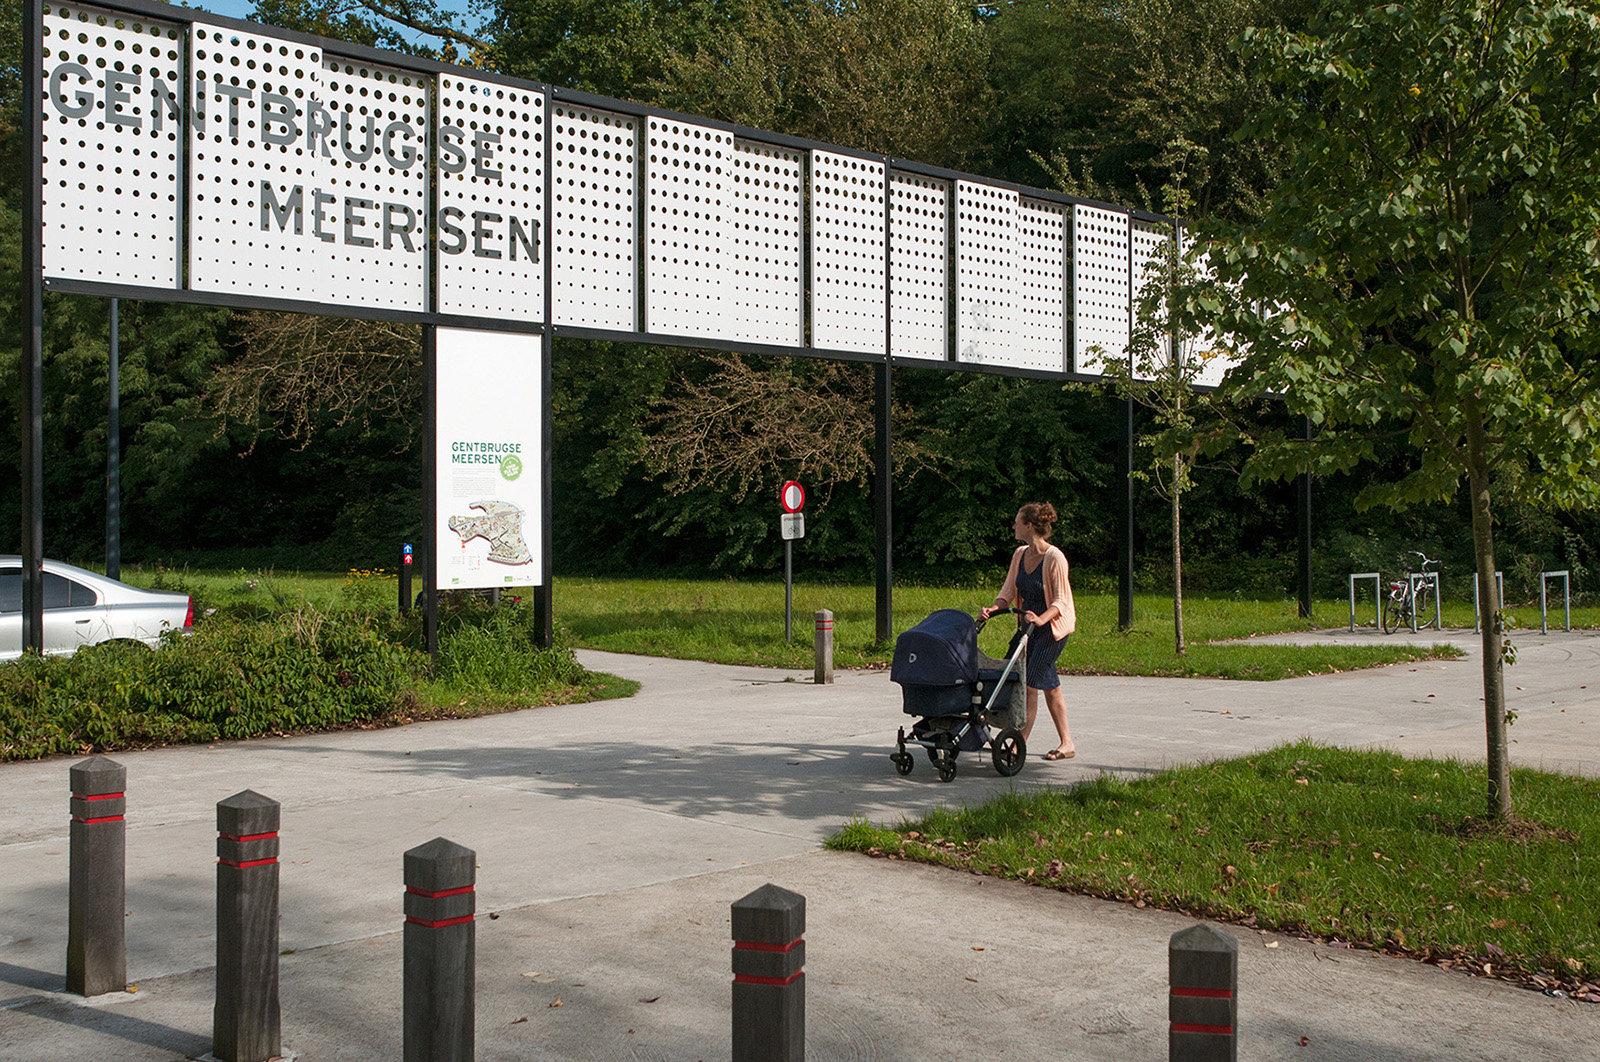 Gentbrugse Meersen - hoofdtoegang